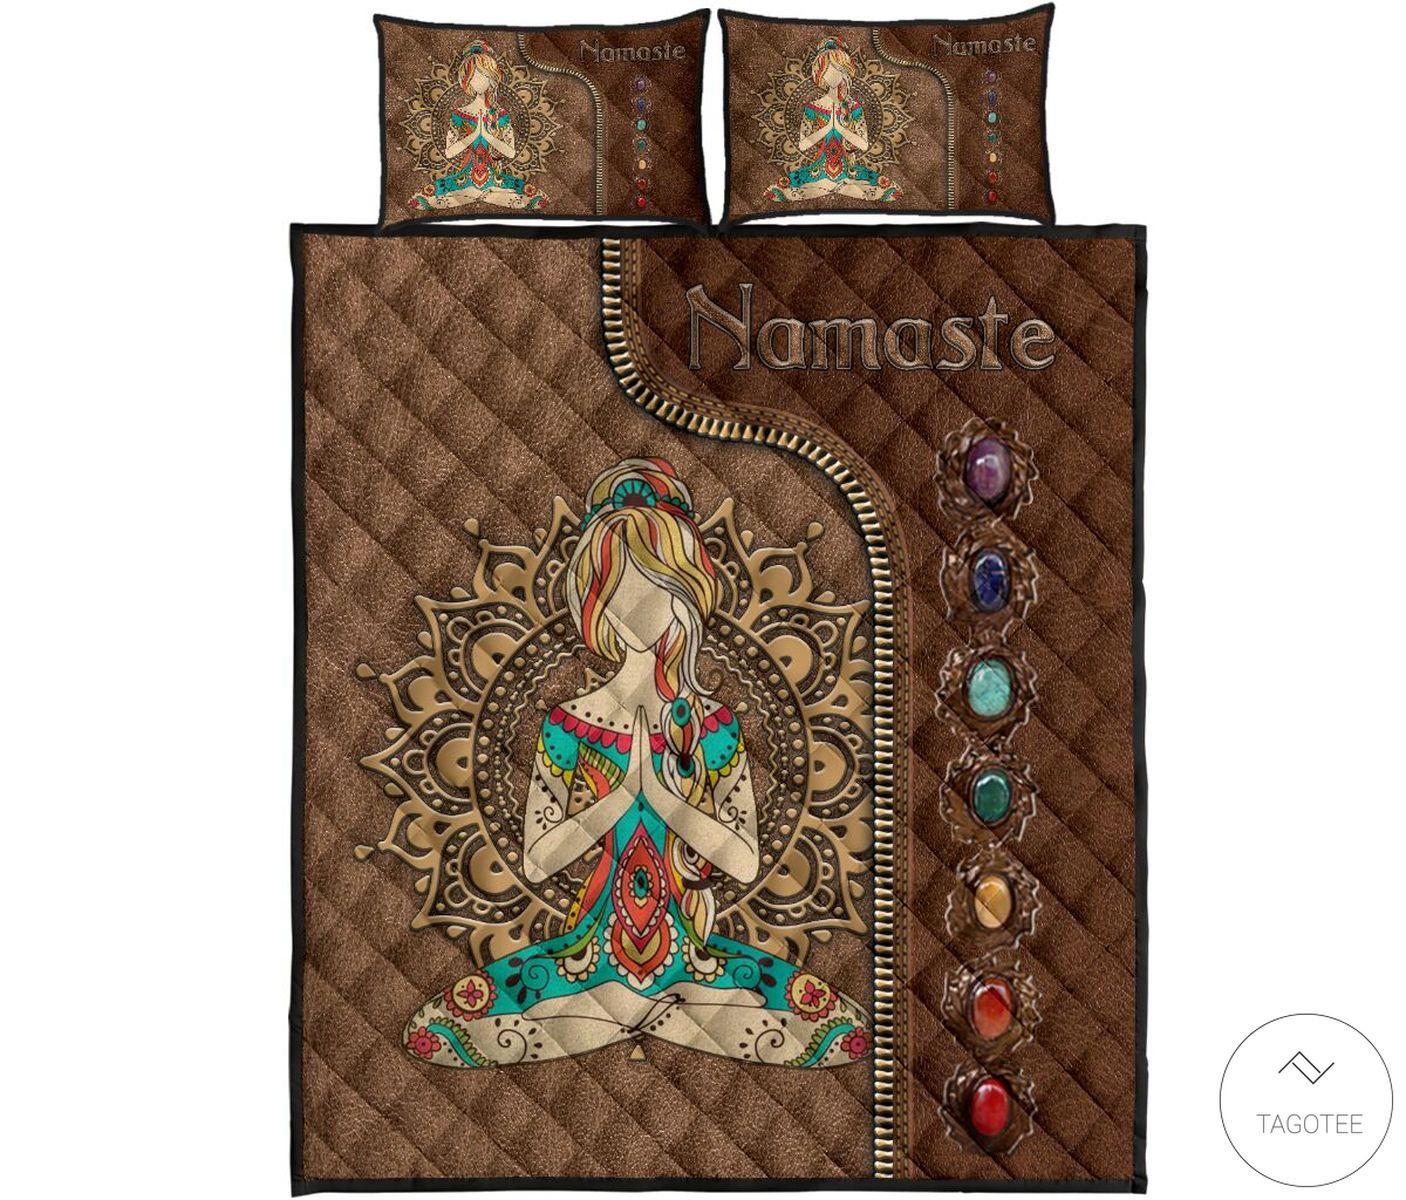 Yoga Namaste As Leather Quilt Bedding Setc